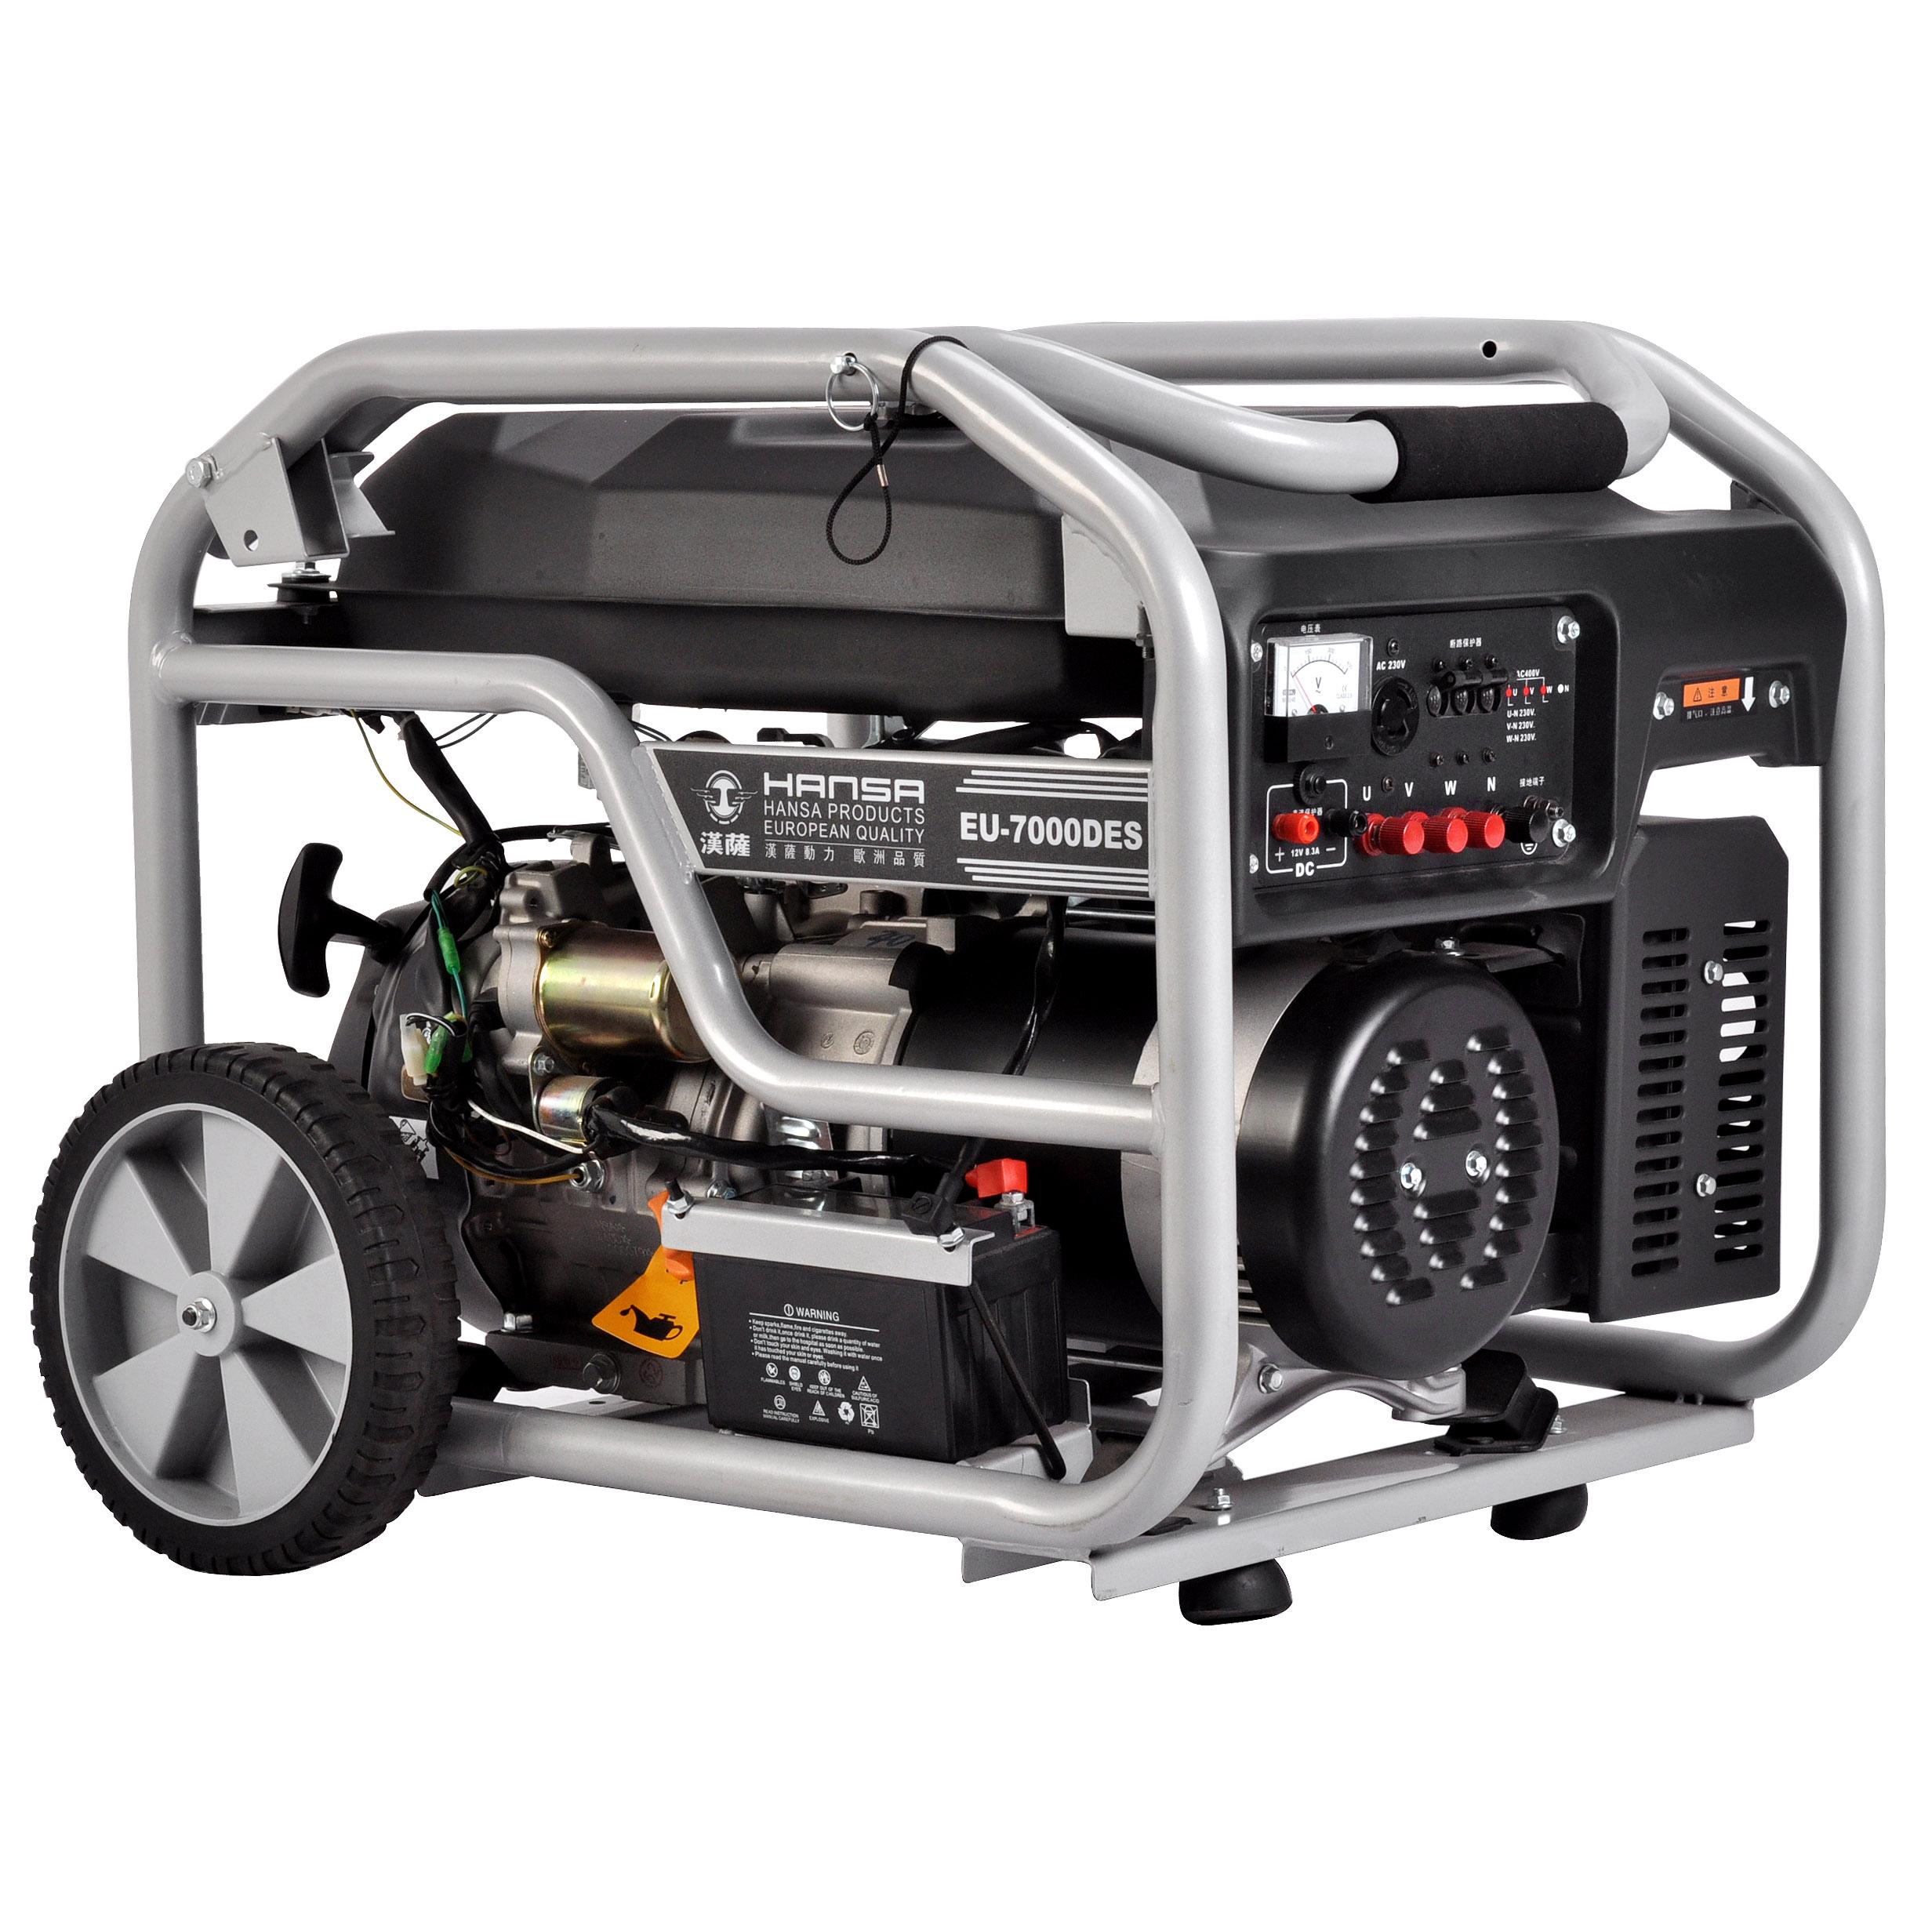 6.6KW三相汽油发电机——EU-7000DES